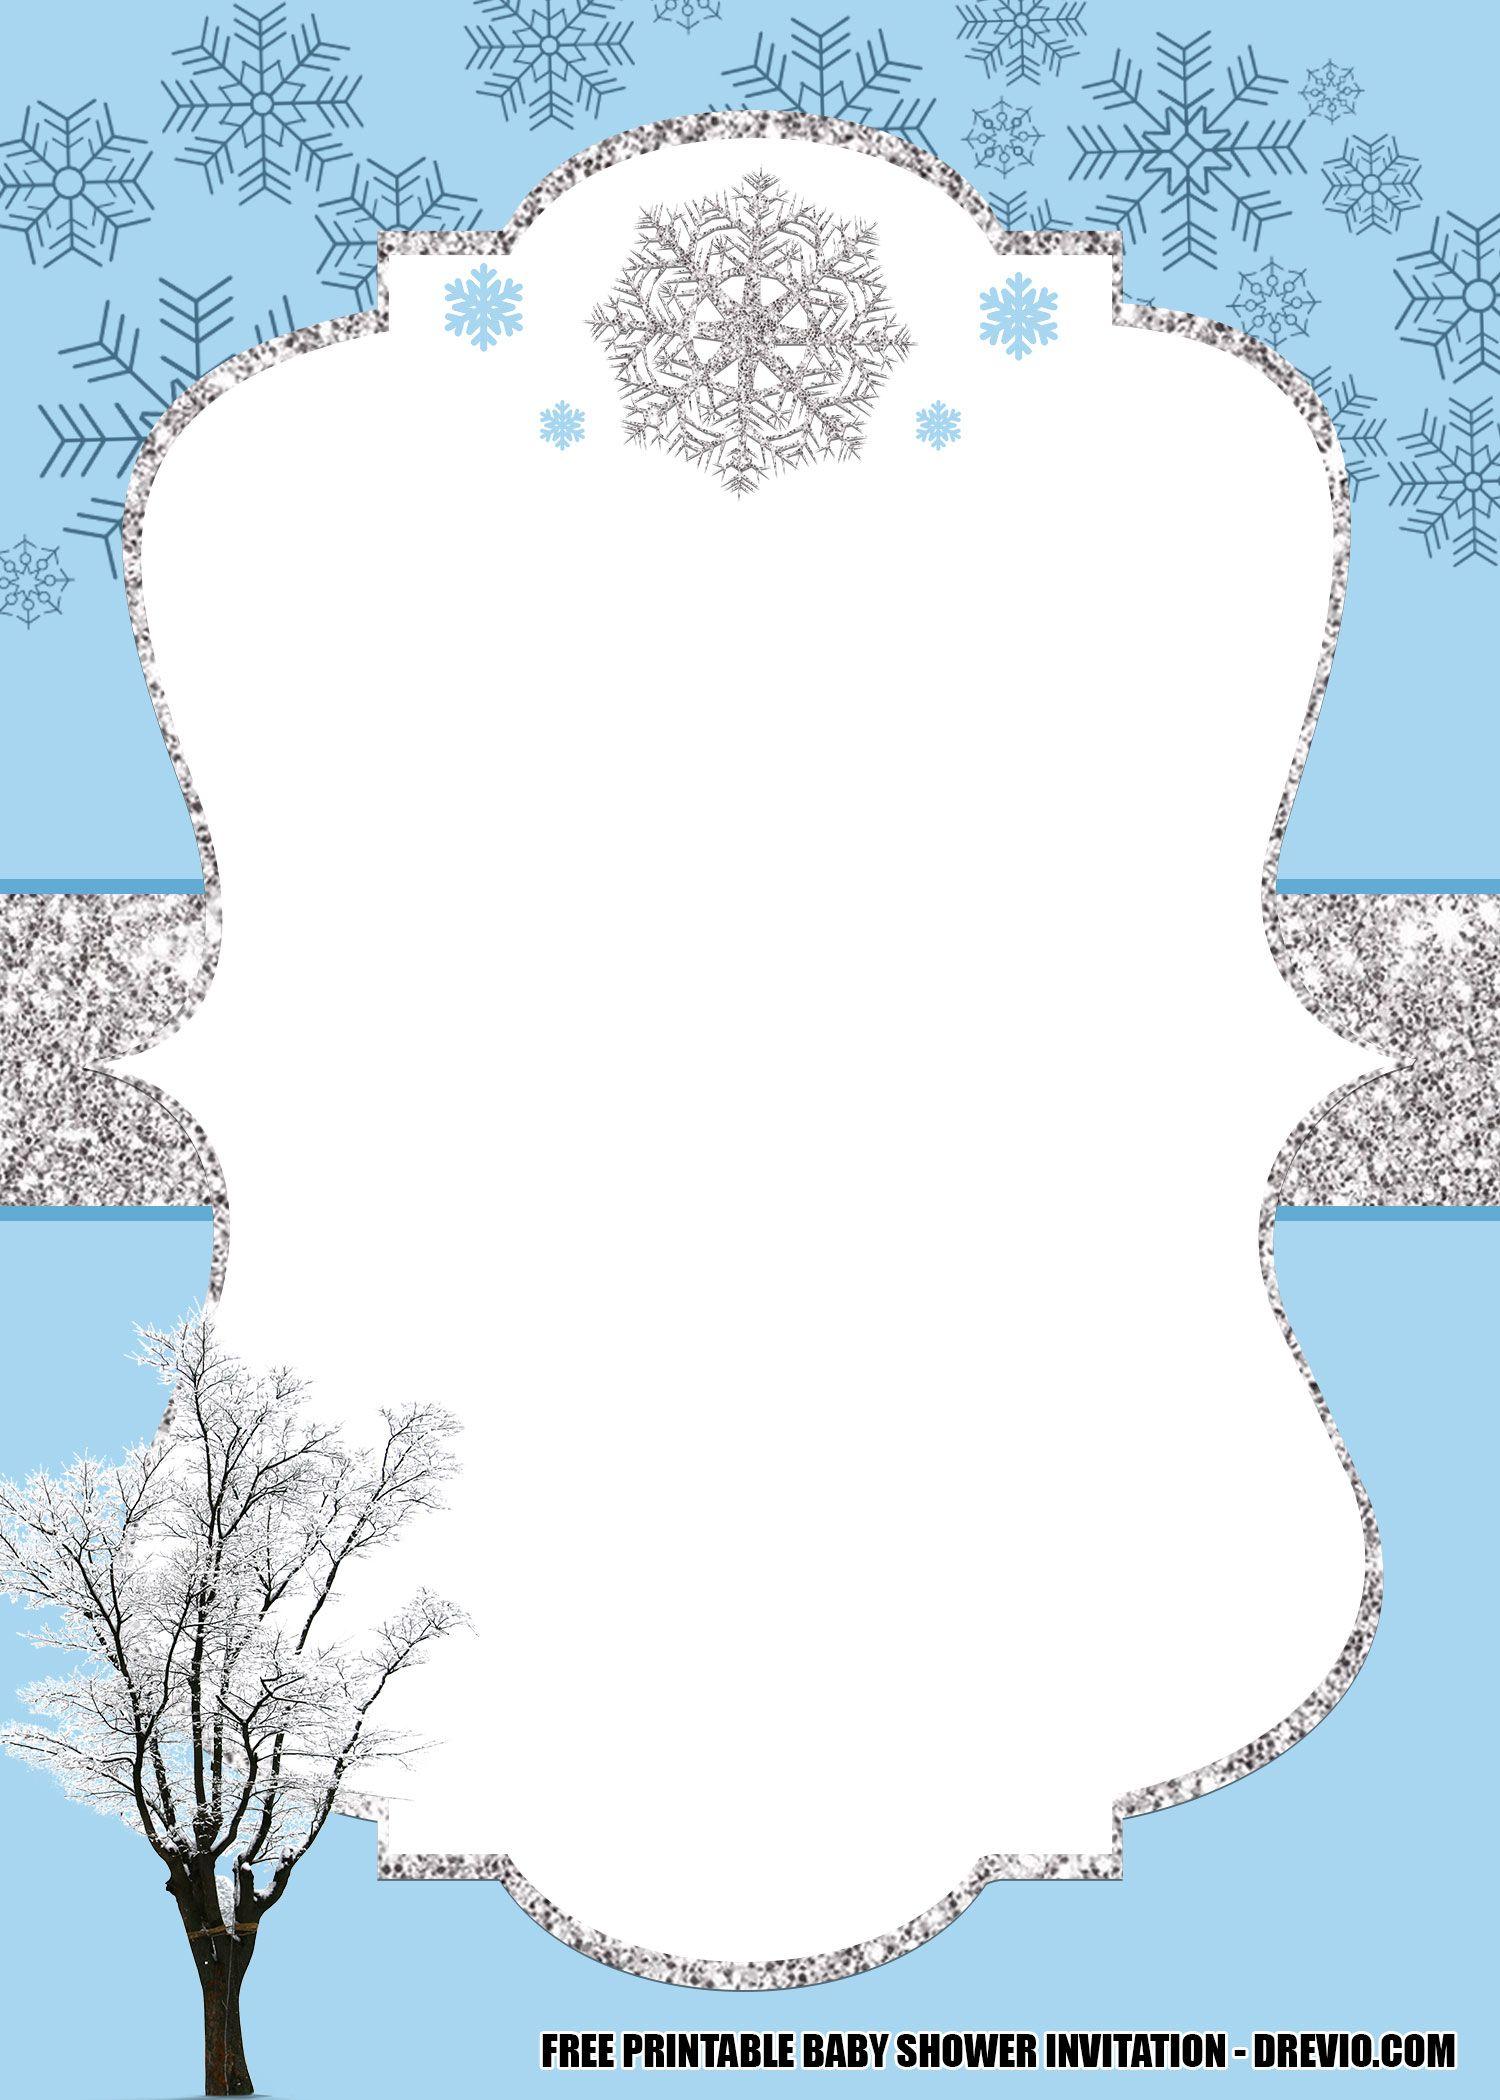 Free Winter Wonderland Baby Shower Invitation Templates Editable Drevio In 2020 Winter Wonderland Invitations Wonderland Invitation Winter Wonderland Baby Shower